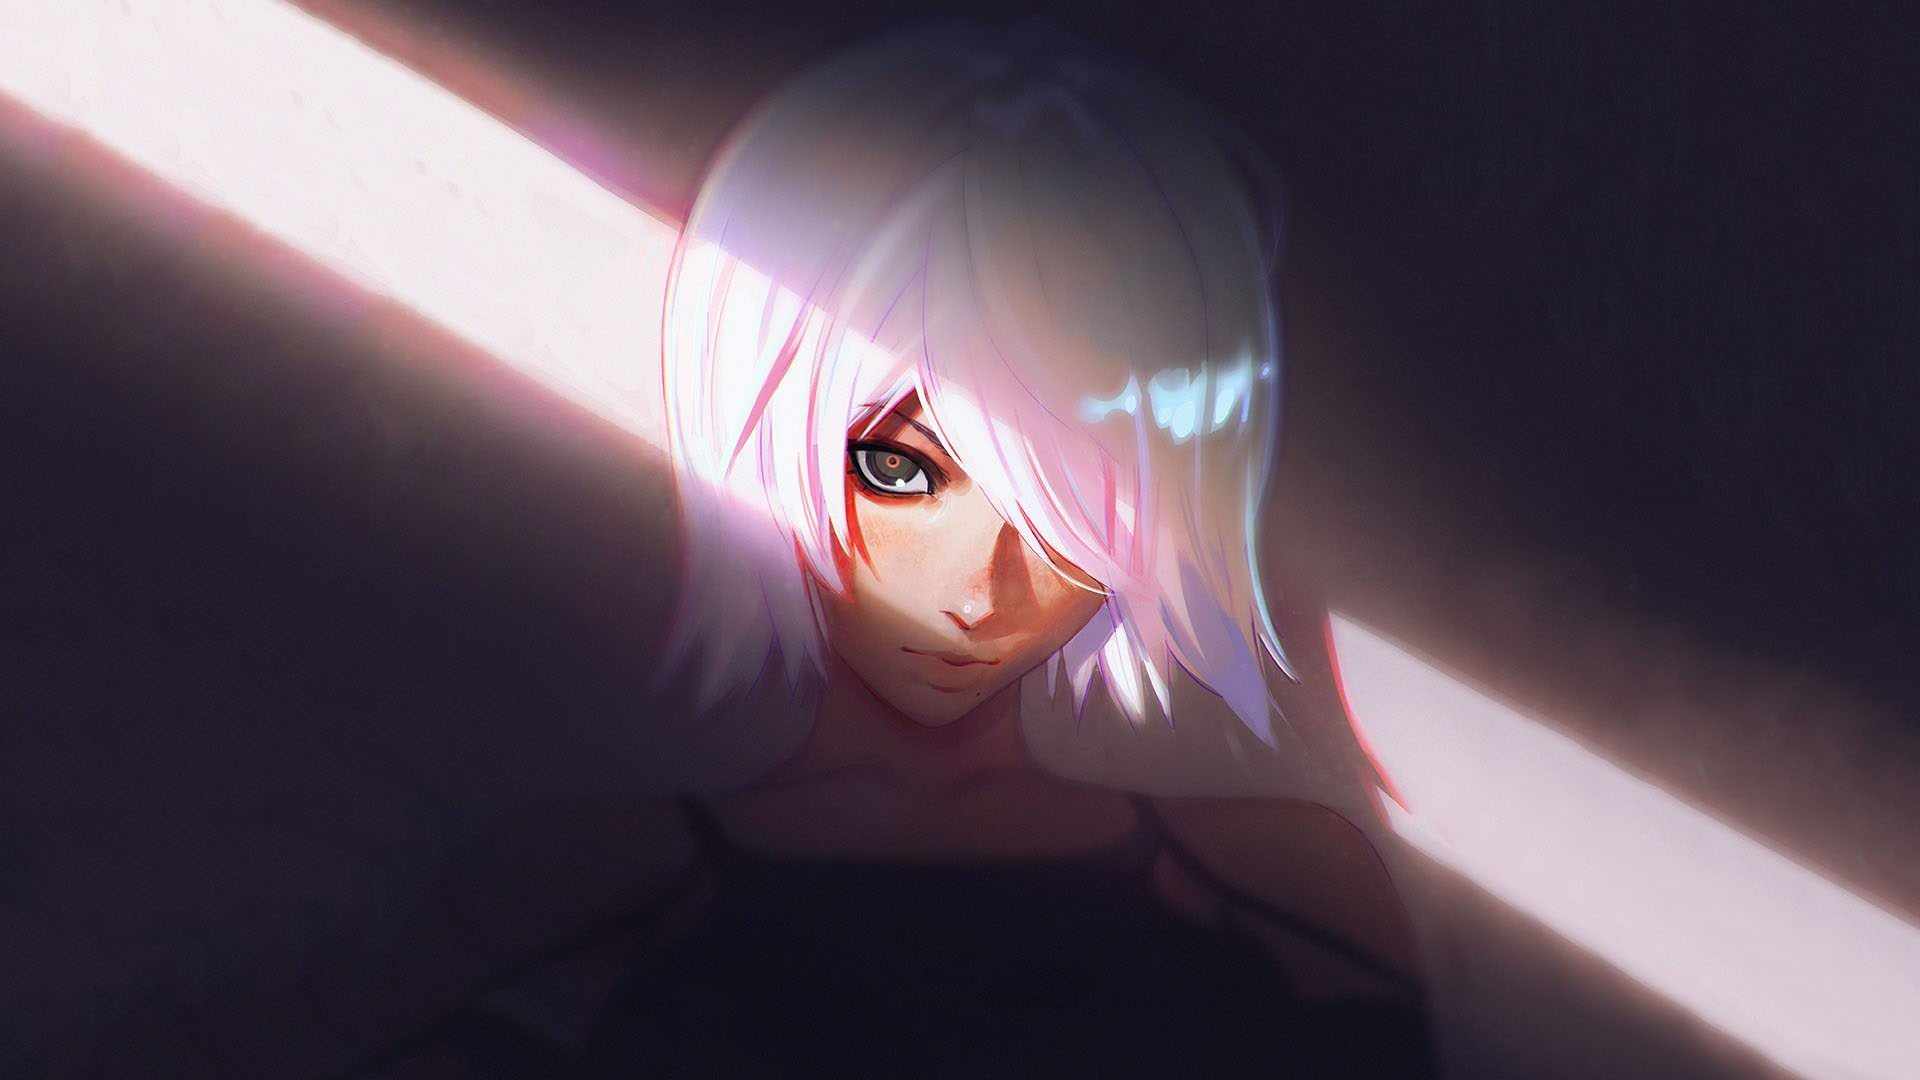 Face Short Hair White Hair Woman 1920x1080